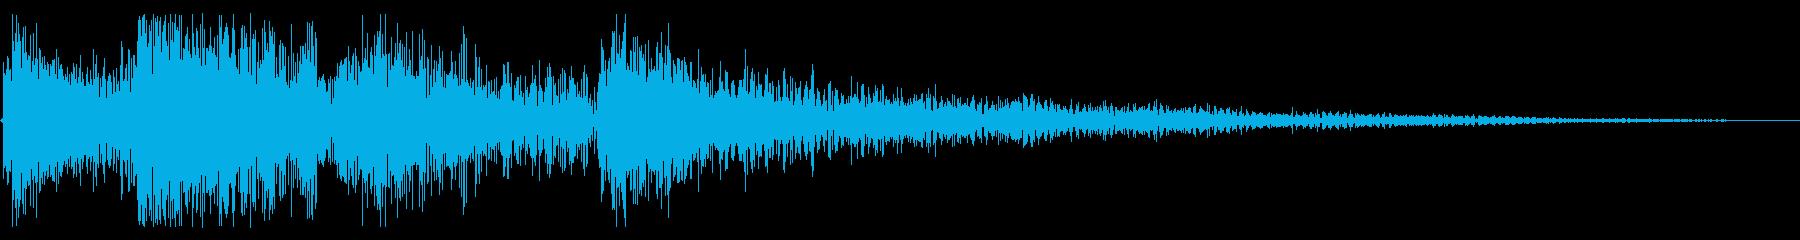 エンド グリッサンド トイピアノの再生済みの波形